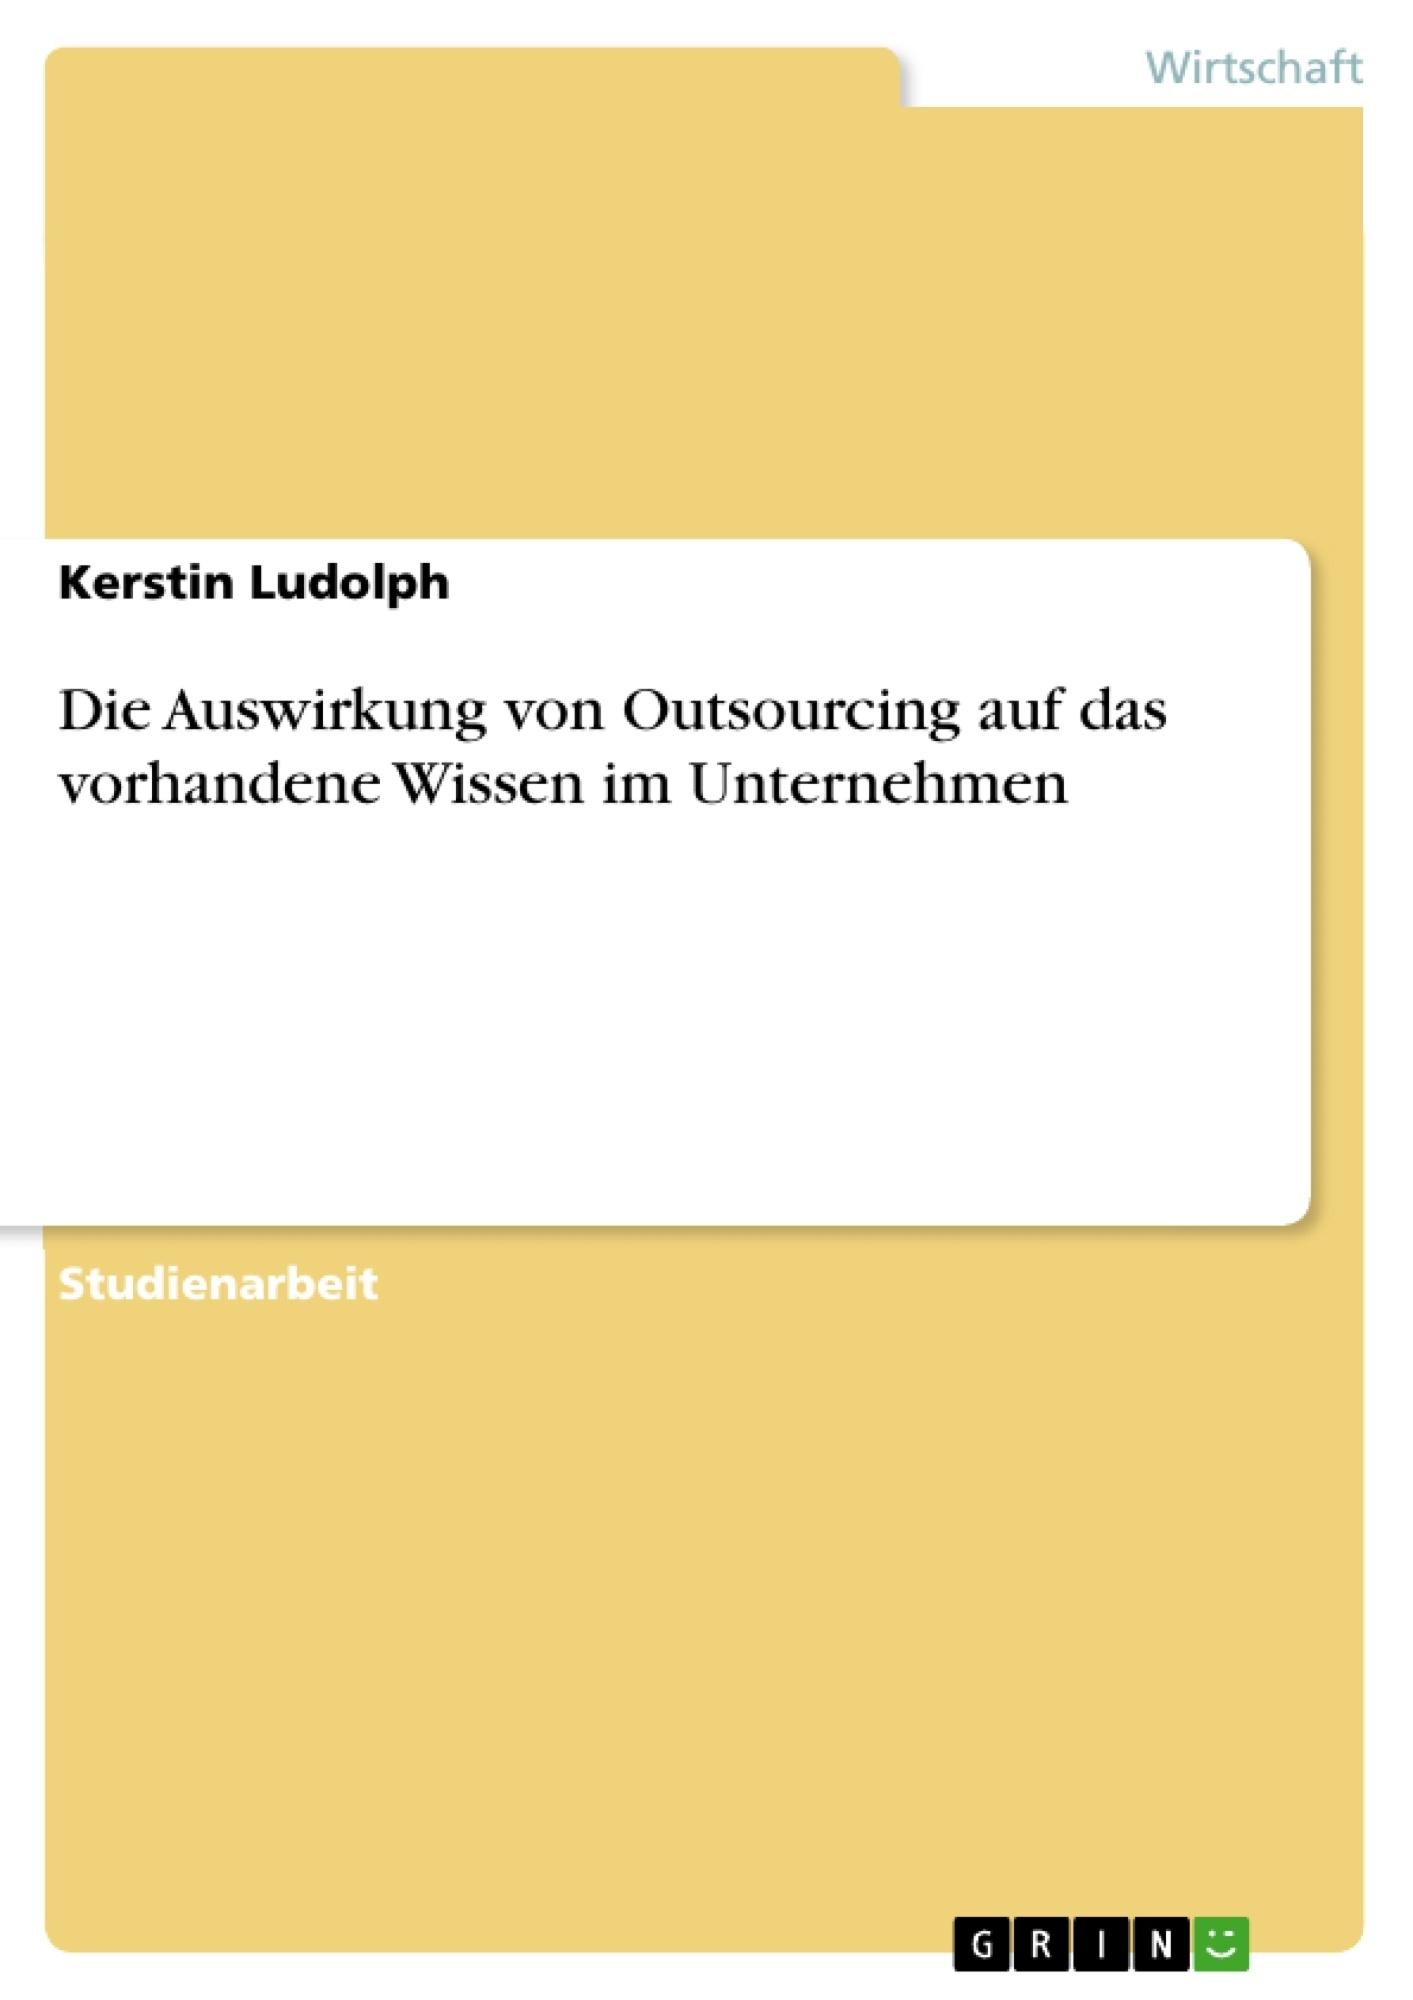 Titel: Die Auswirkung von Outsourcing auf das vorhandene Wissen im Unternehmen